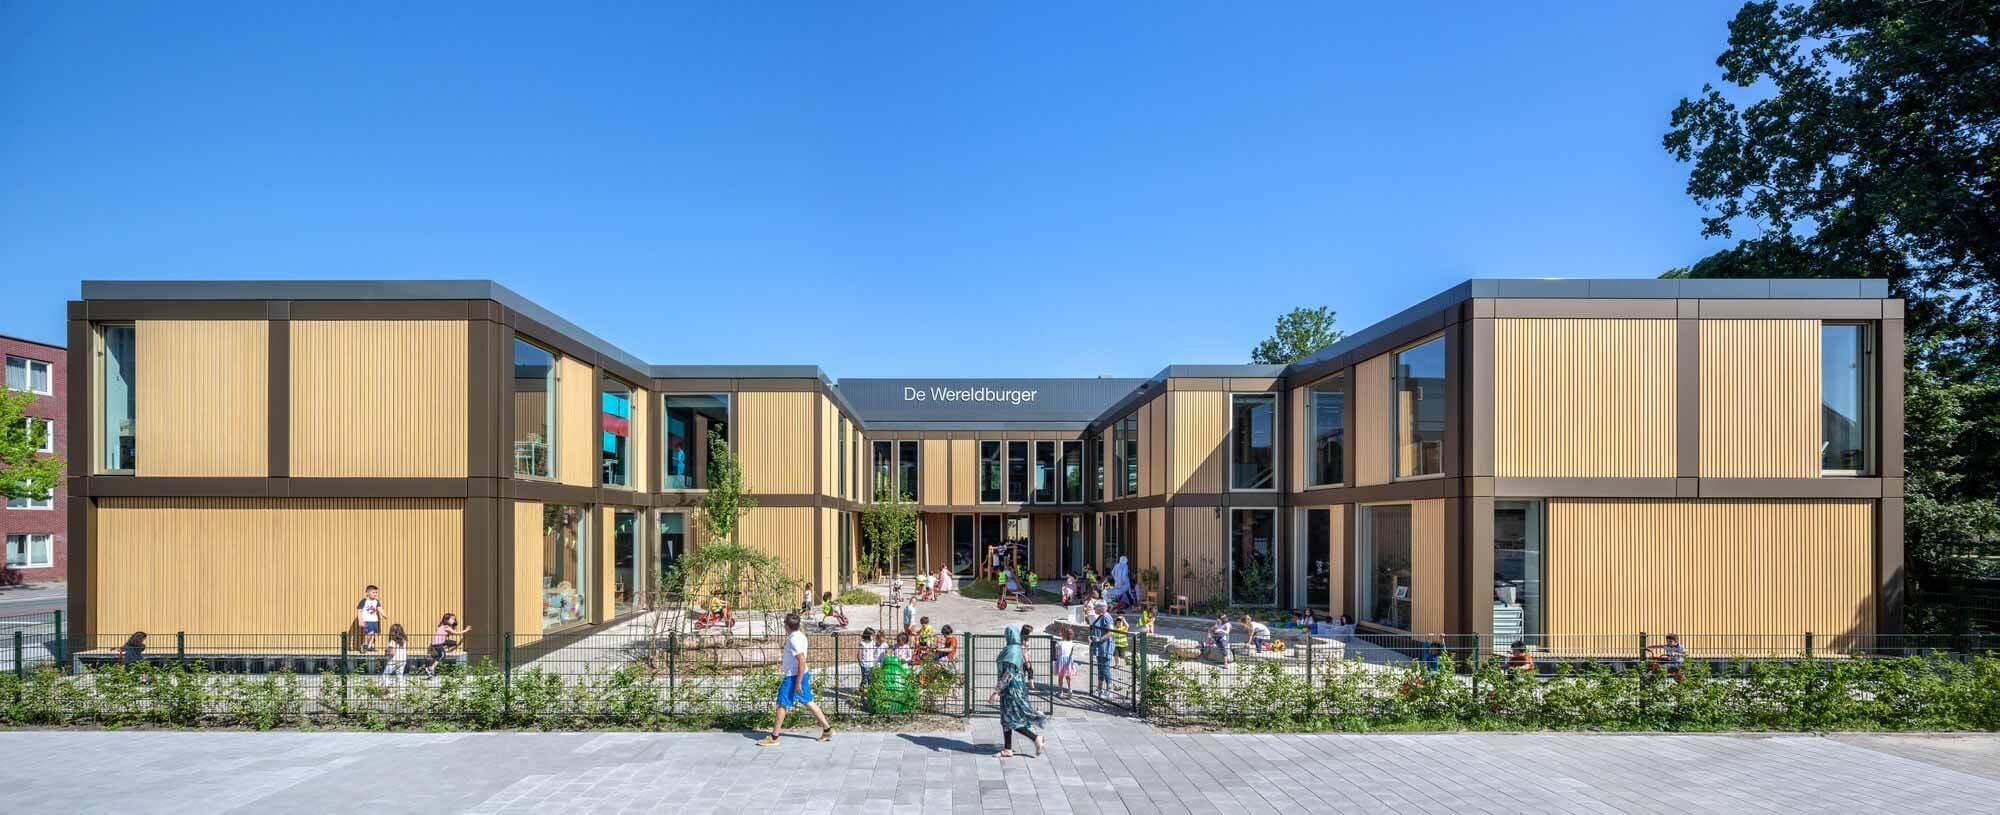 Амстердамская начальная школа De Wereldburger / Moke Architecten